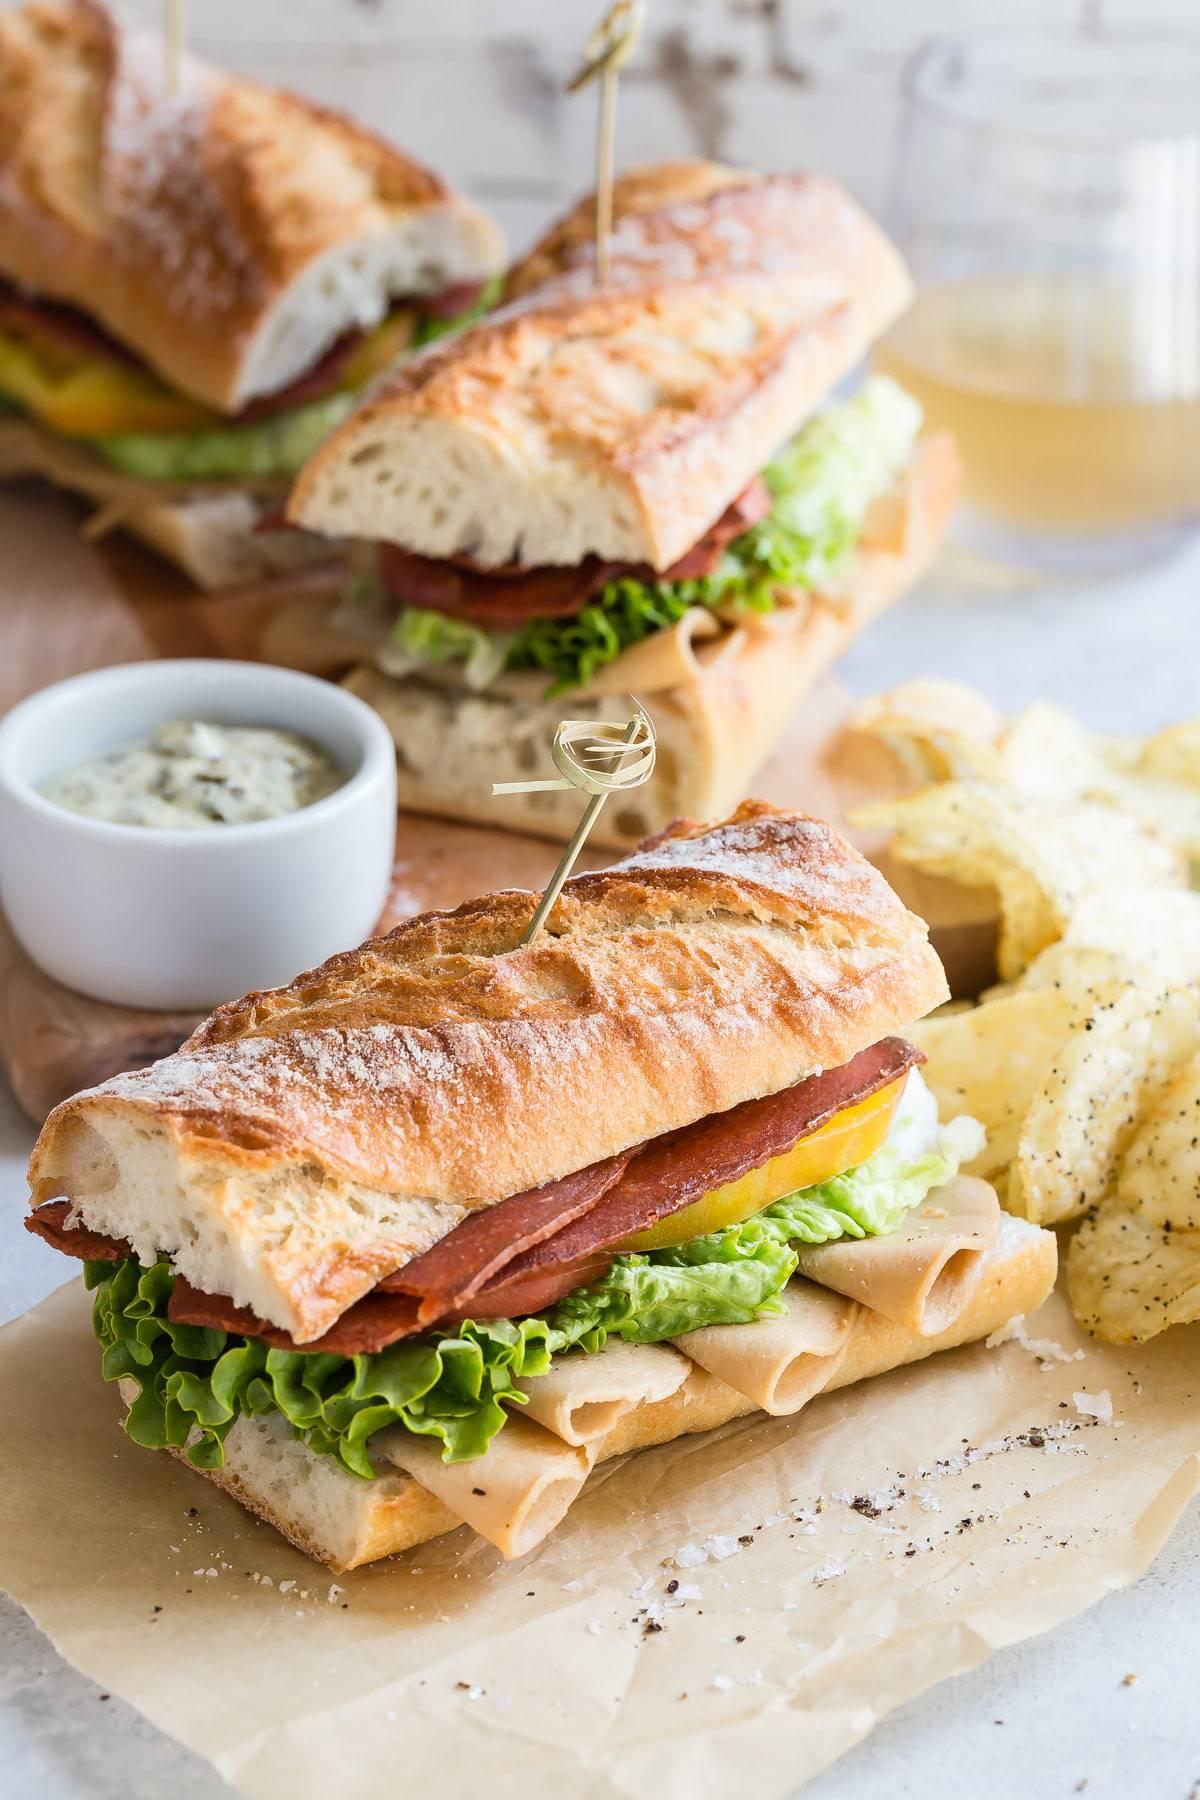 Enthralling Vegetarian Club Sandwich Pesto Spread Foodness Turkey Club Sandwich Sainsburys Turkey Club Sandwich Ideas Vegetarian Bacon A Club Sandwich nice food Turkey Club Sandwich